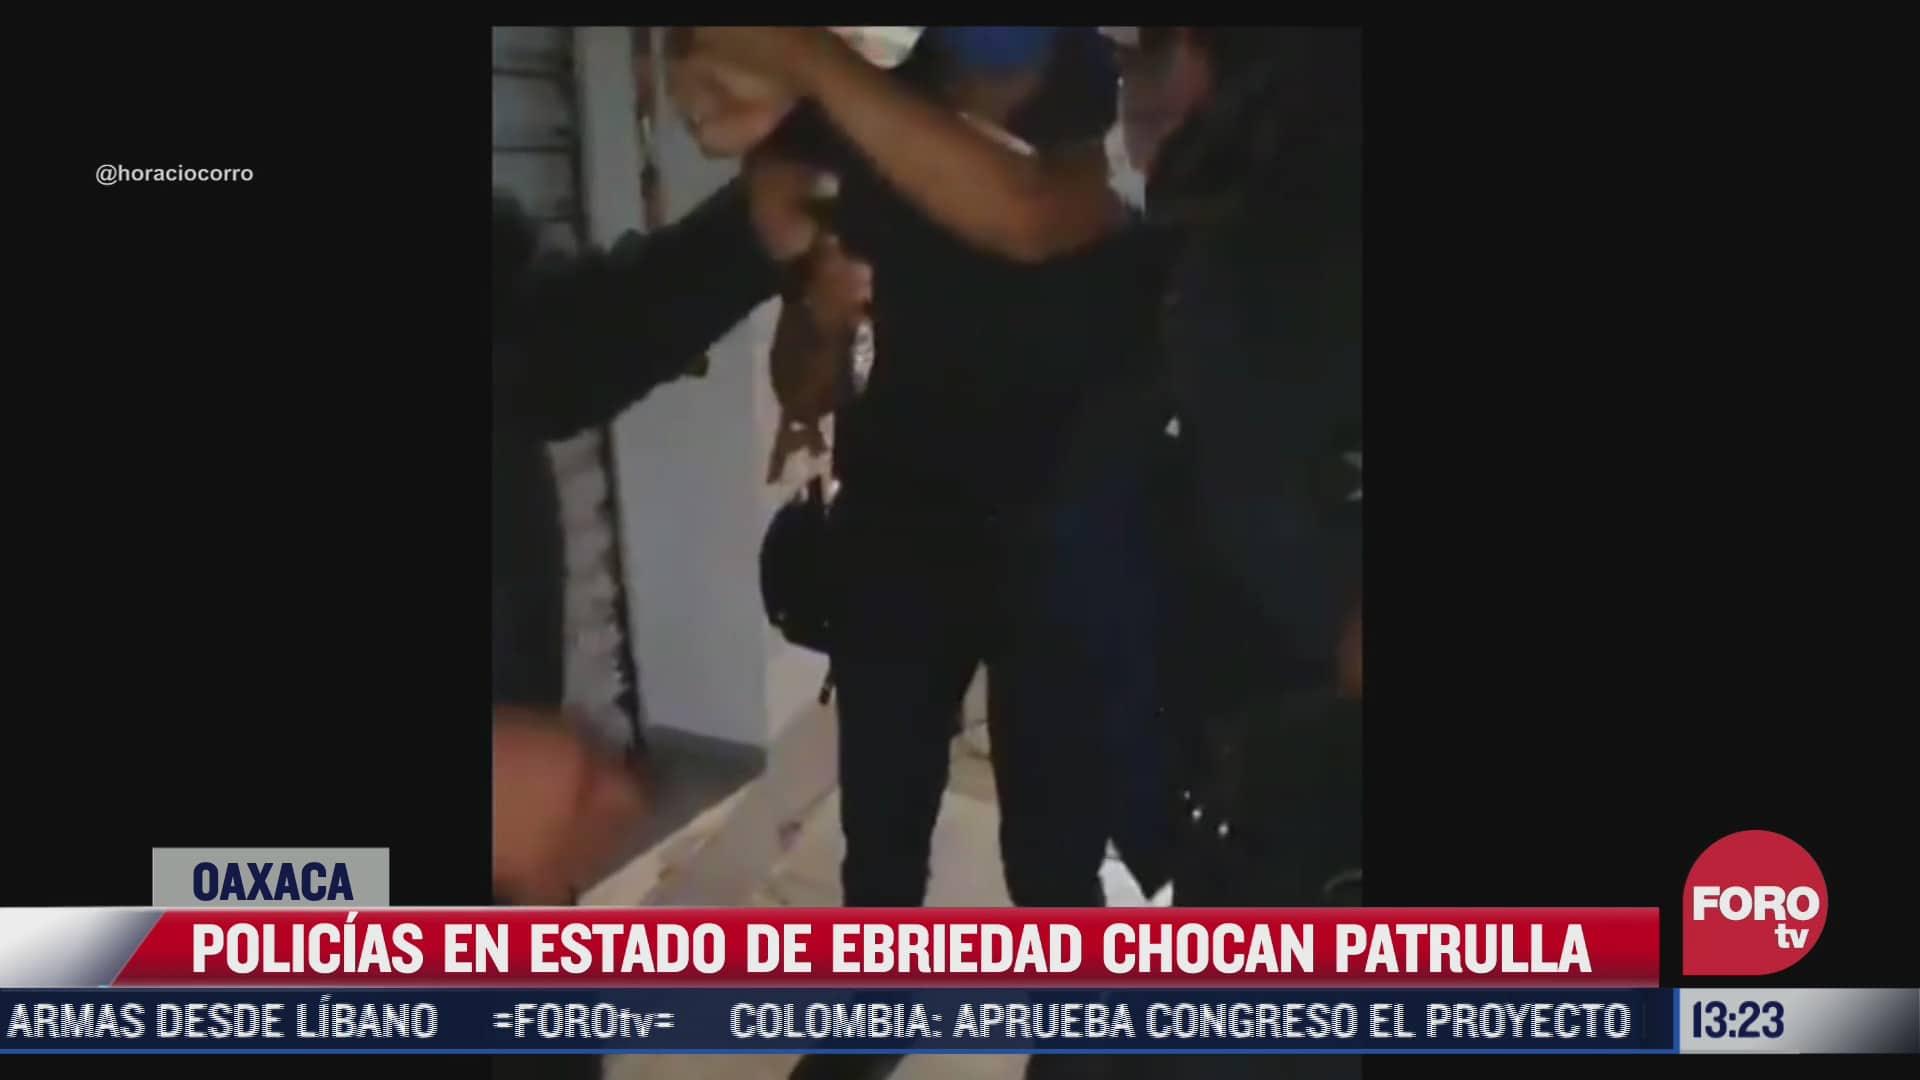 policias en estado de ebriedad chocan su patrulla en oaxaca